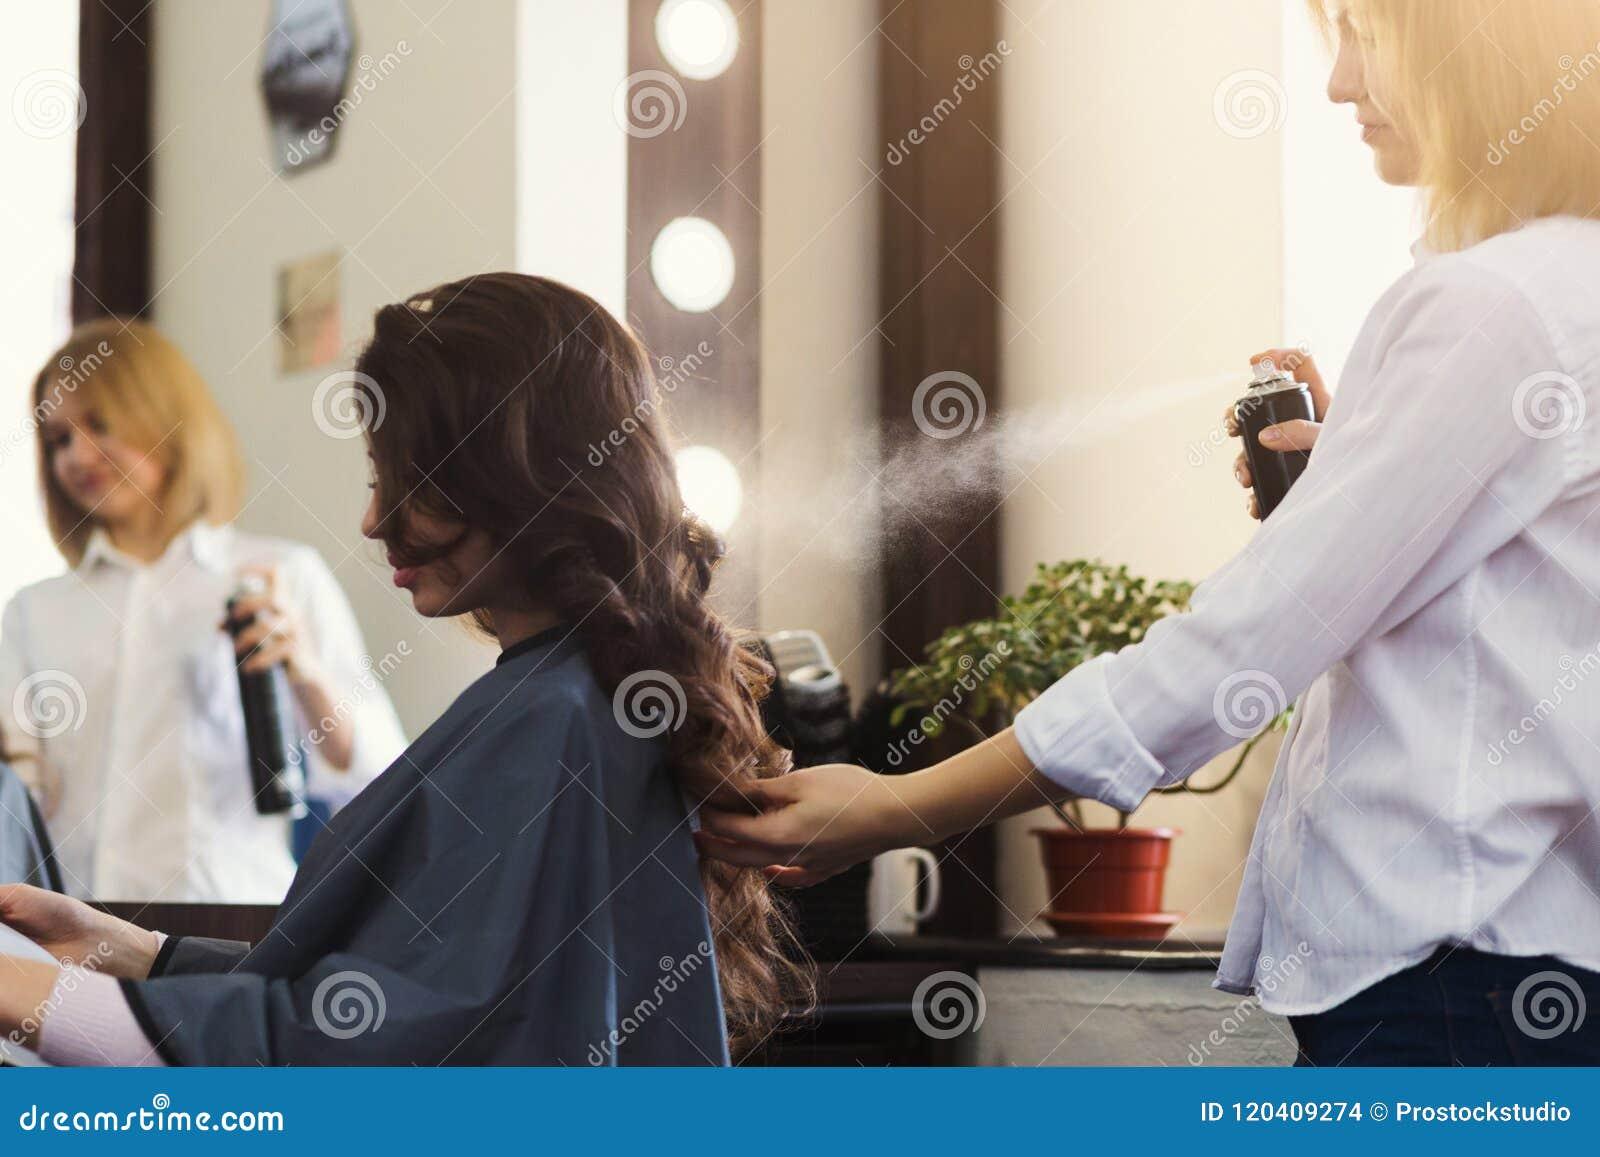 Friseur, der gelockte Frisur am Schönheitssalon macht